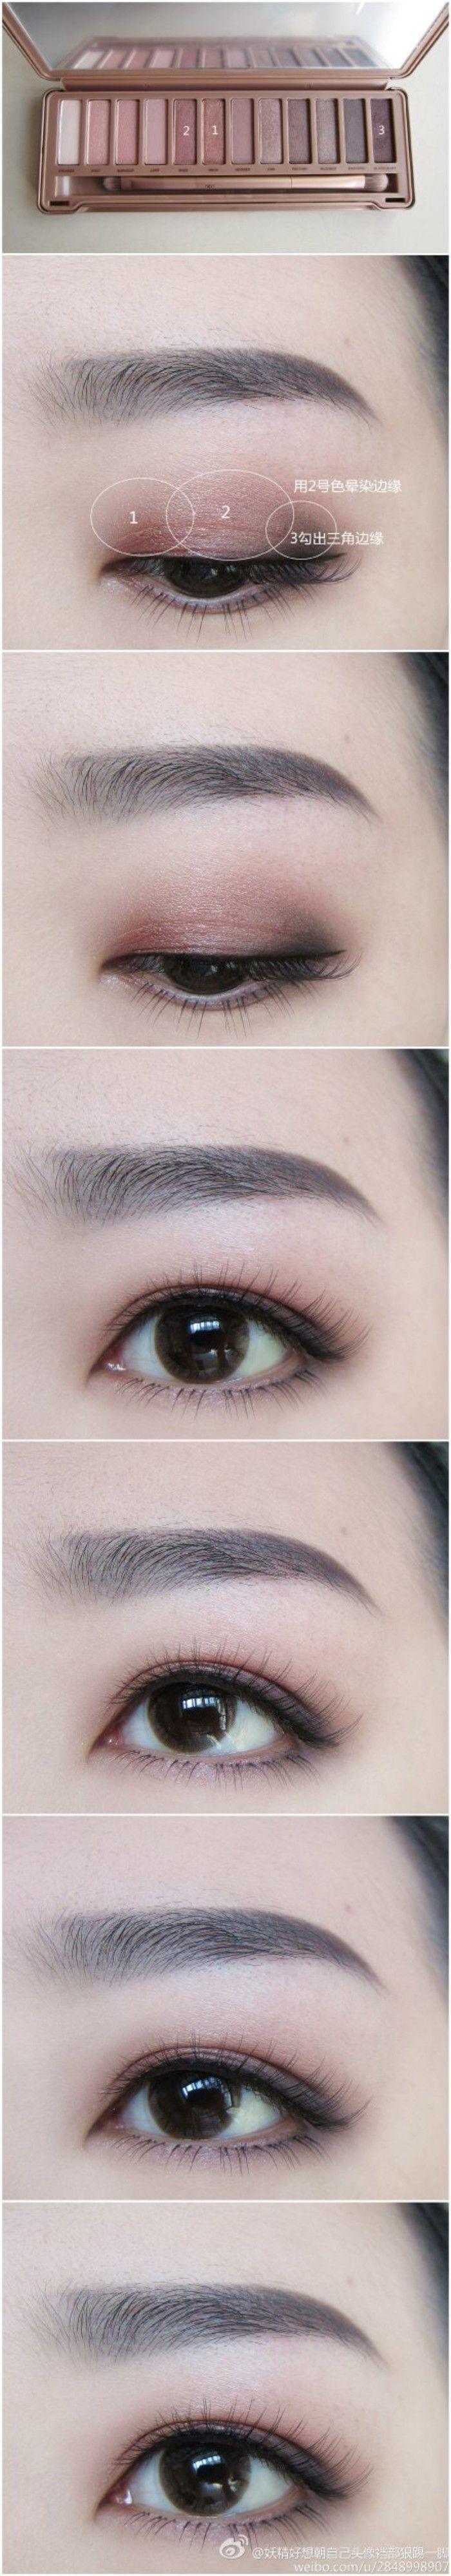 6409b91149c208483ca652d4dd1dad15--korean-natural-makeup-korean-beauty.jpg (700×3998)